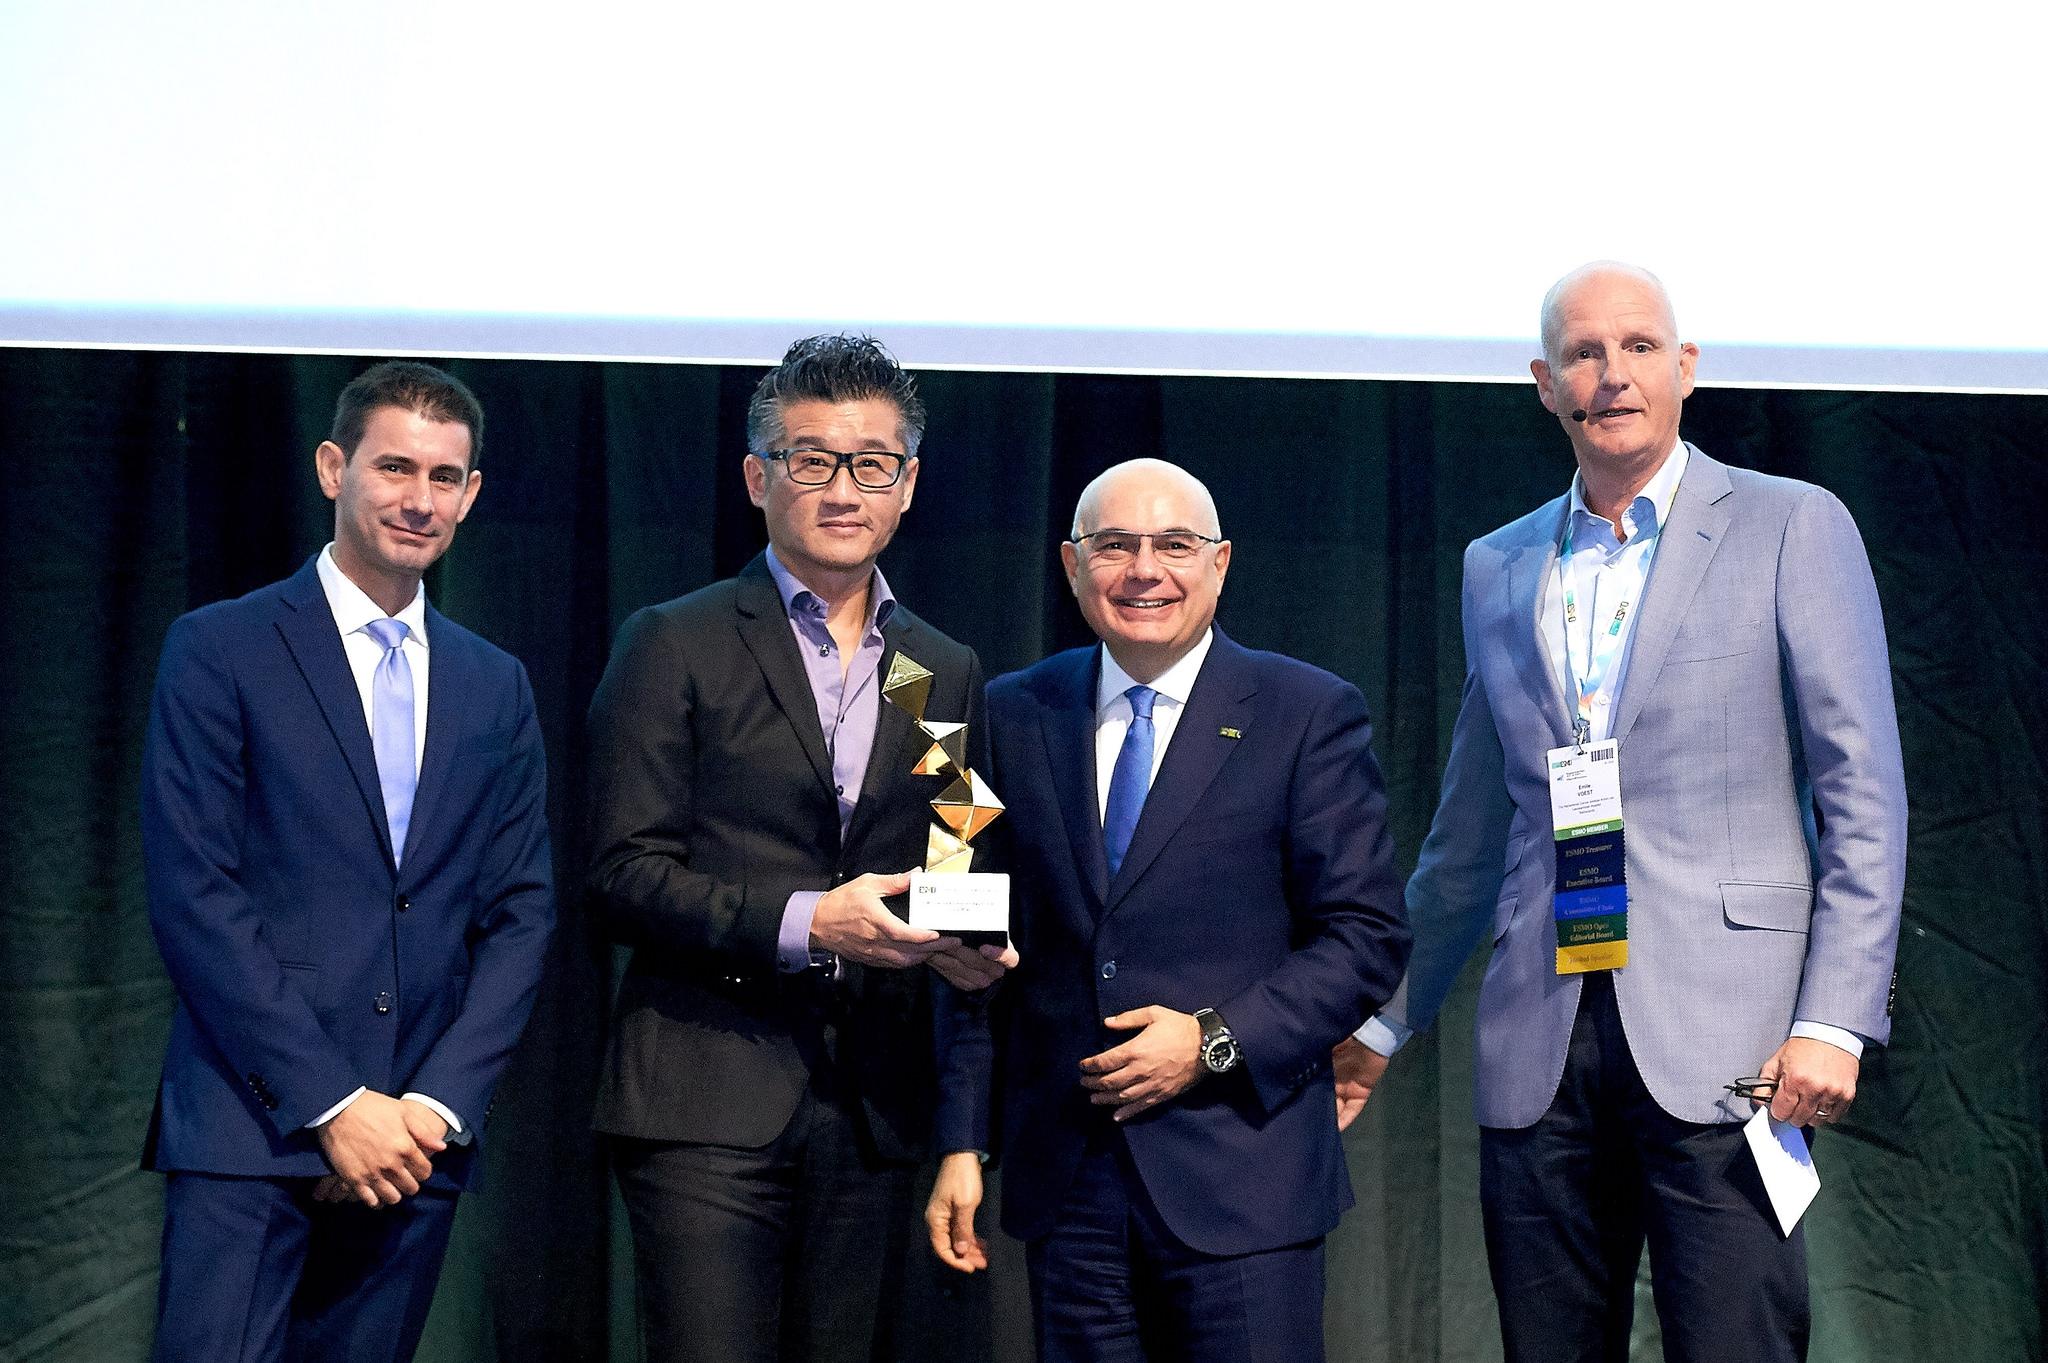 莫树锦教授(左二)获欧洲肿瘤学会颁发「终身成就奖」,表扬他的研究改写全球肺癌治疗的准则,是首名获此奖项的华人。 (相片由欧洲肿瘤学会提供)